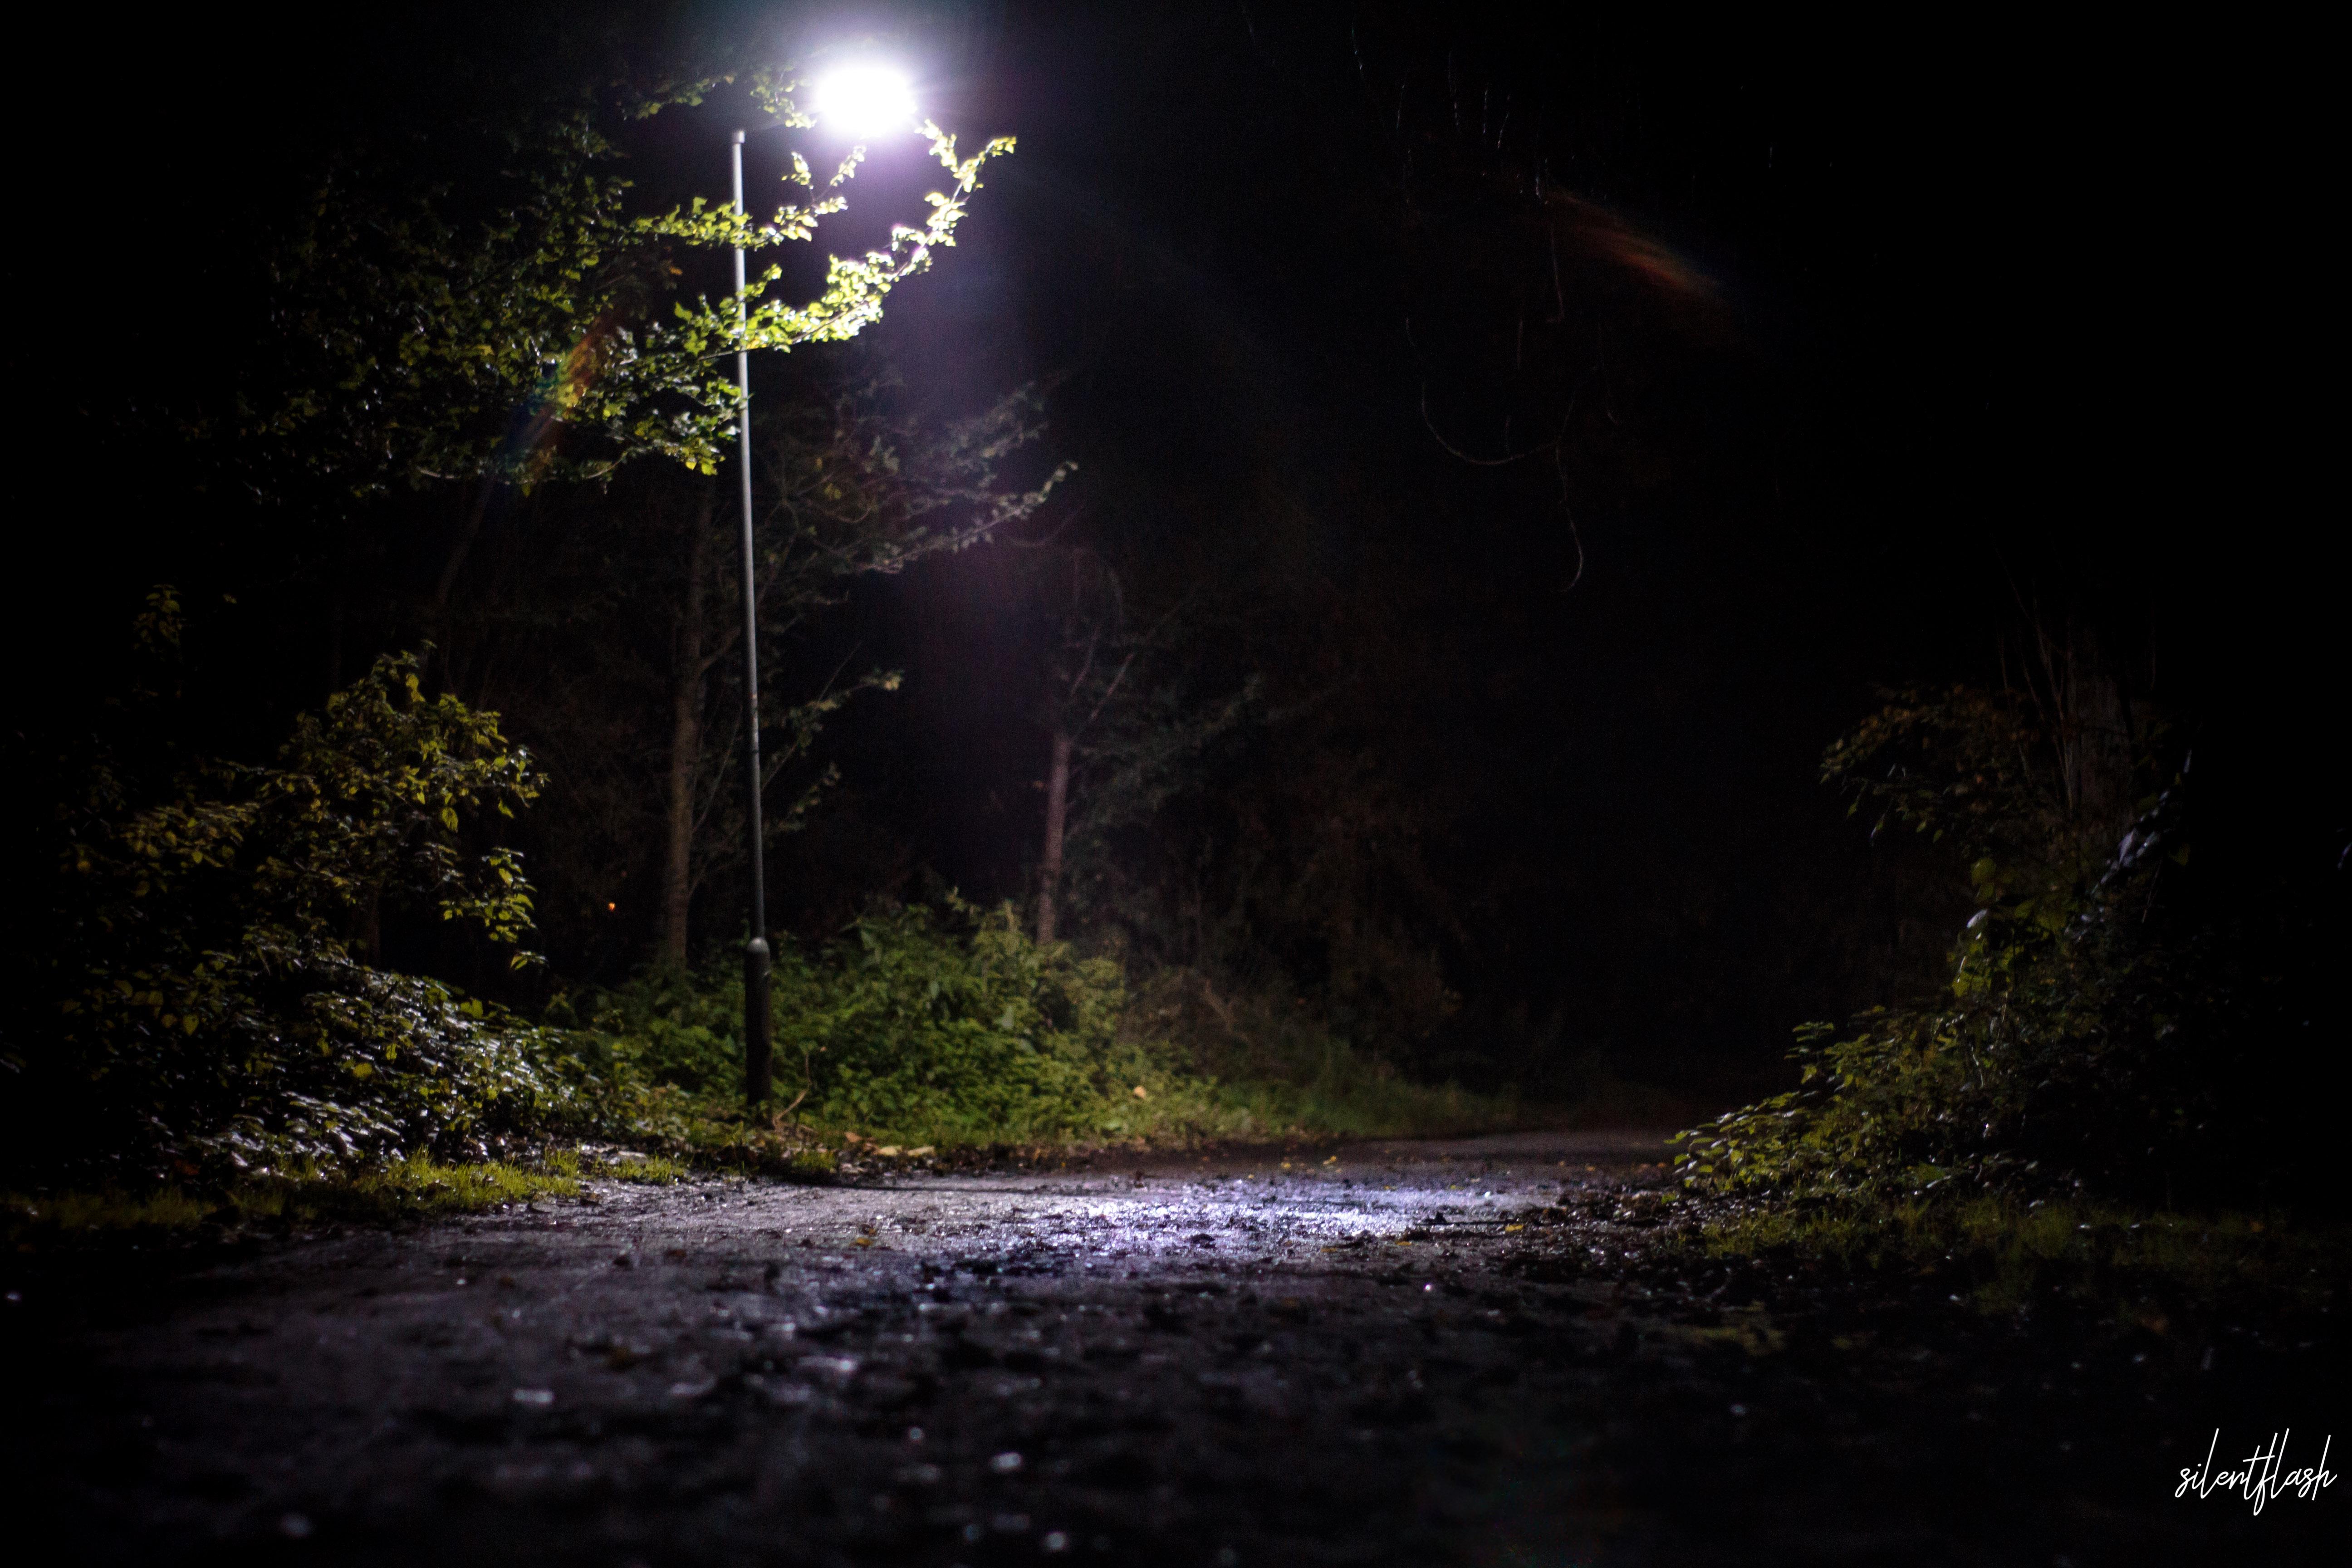 Die Nacht beginnt